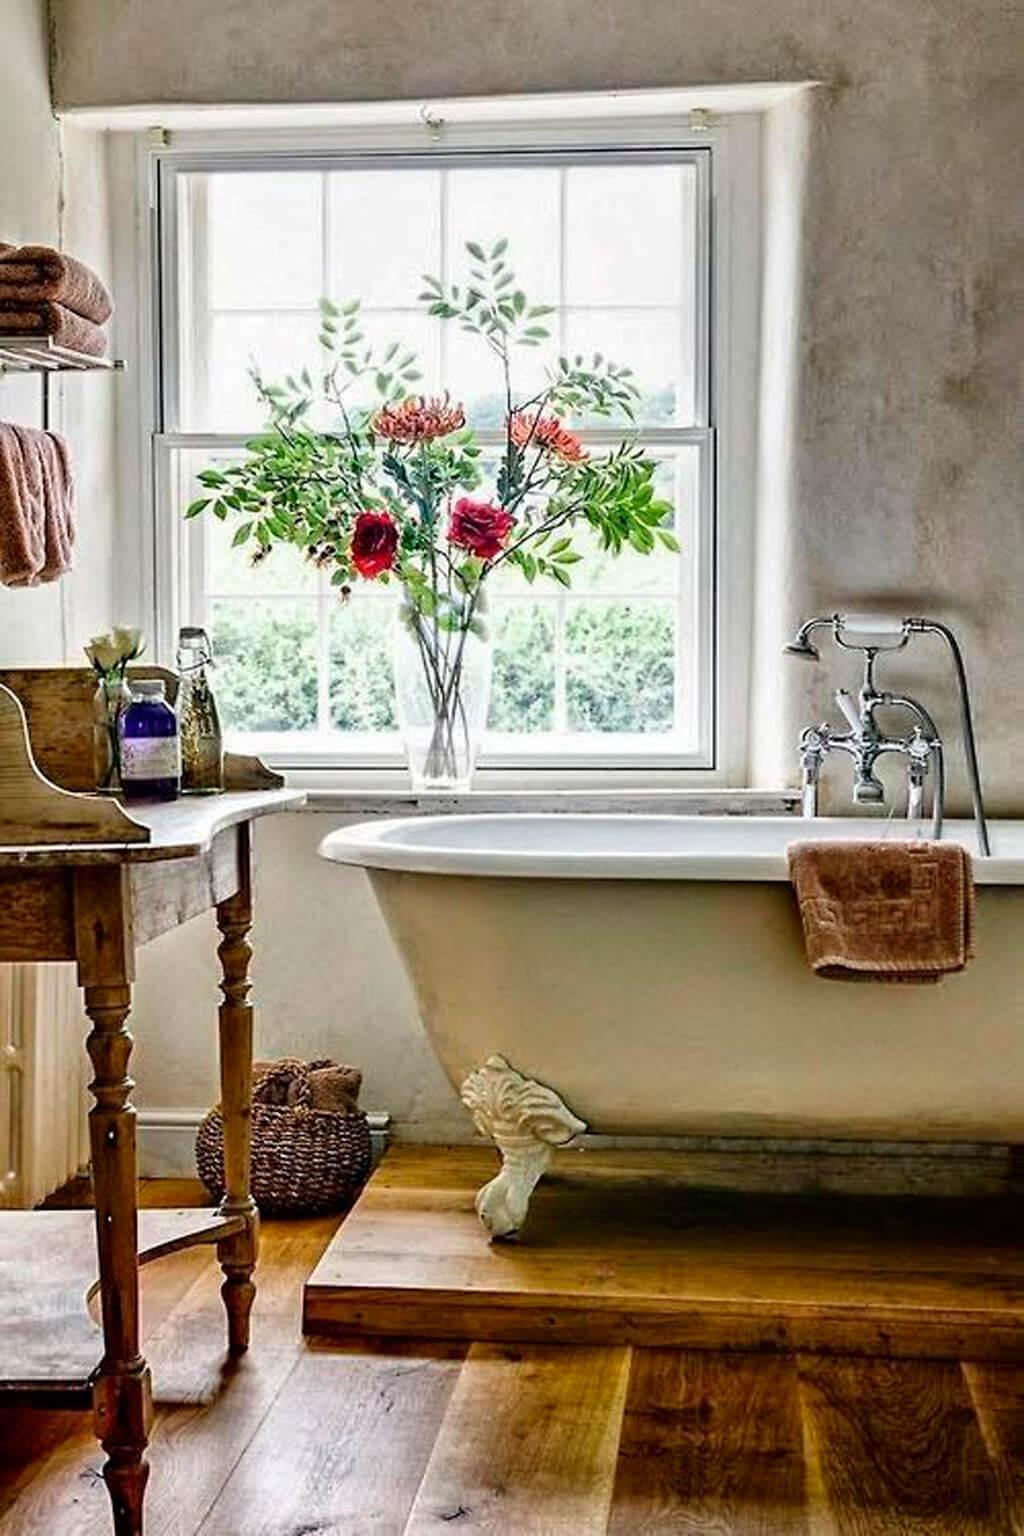 Farmhouse Bathroom Décor with Elevated Bathtub